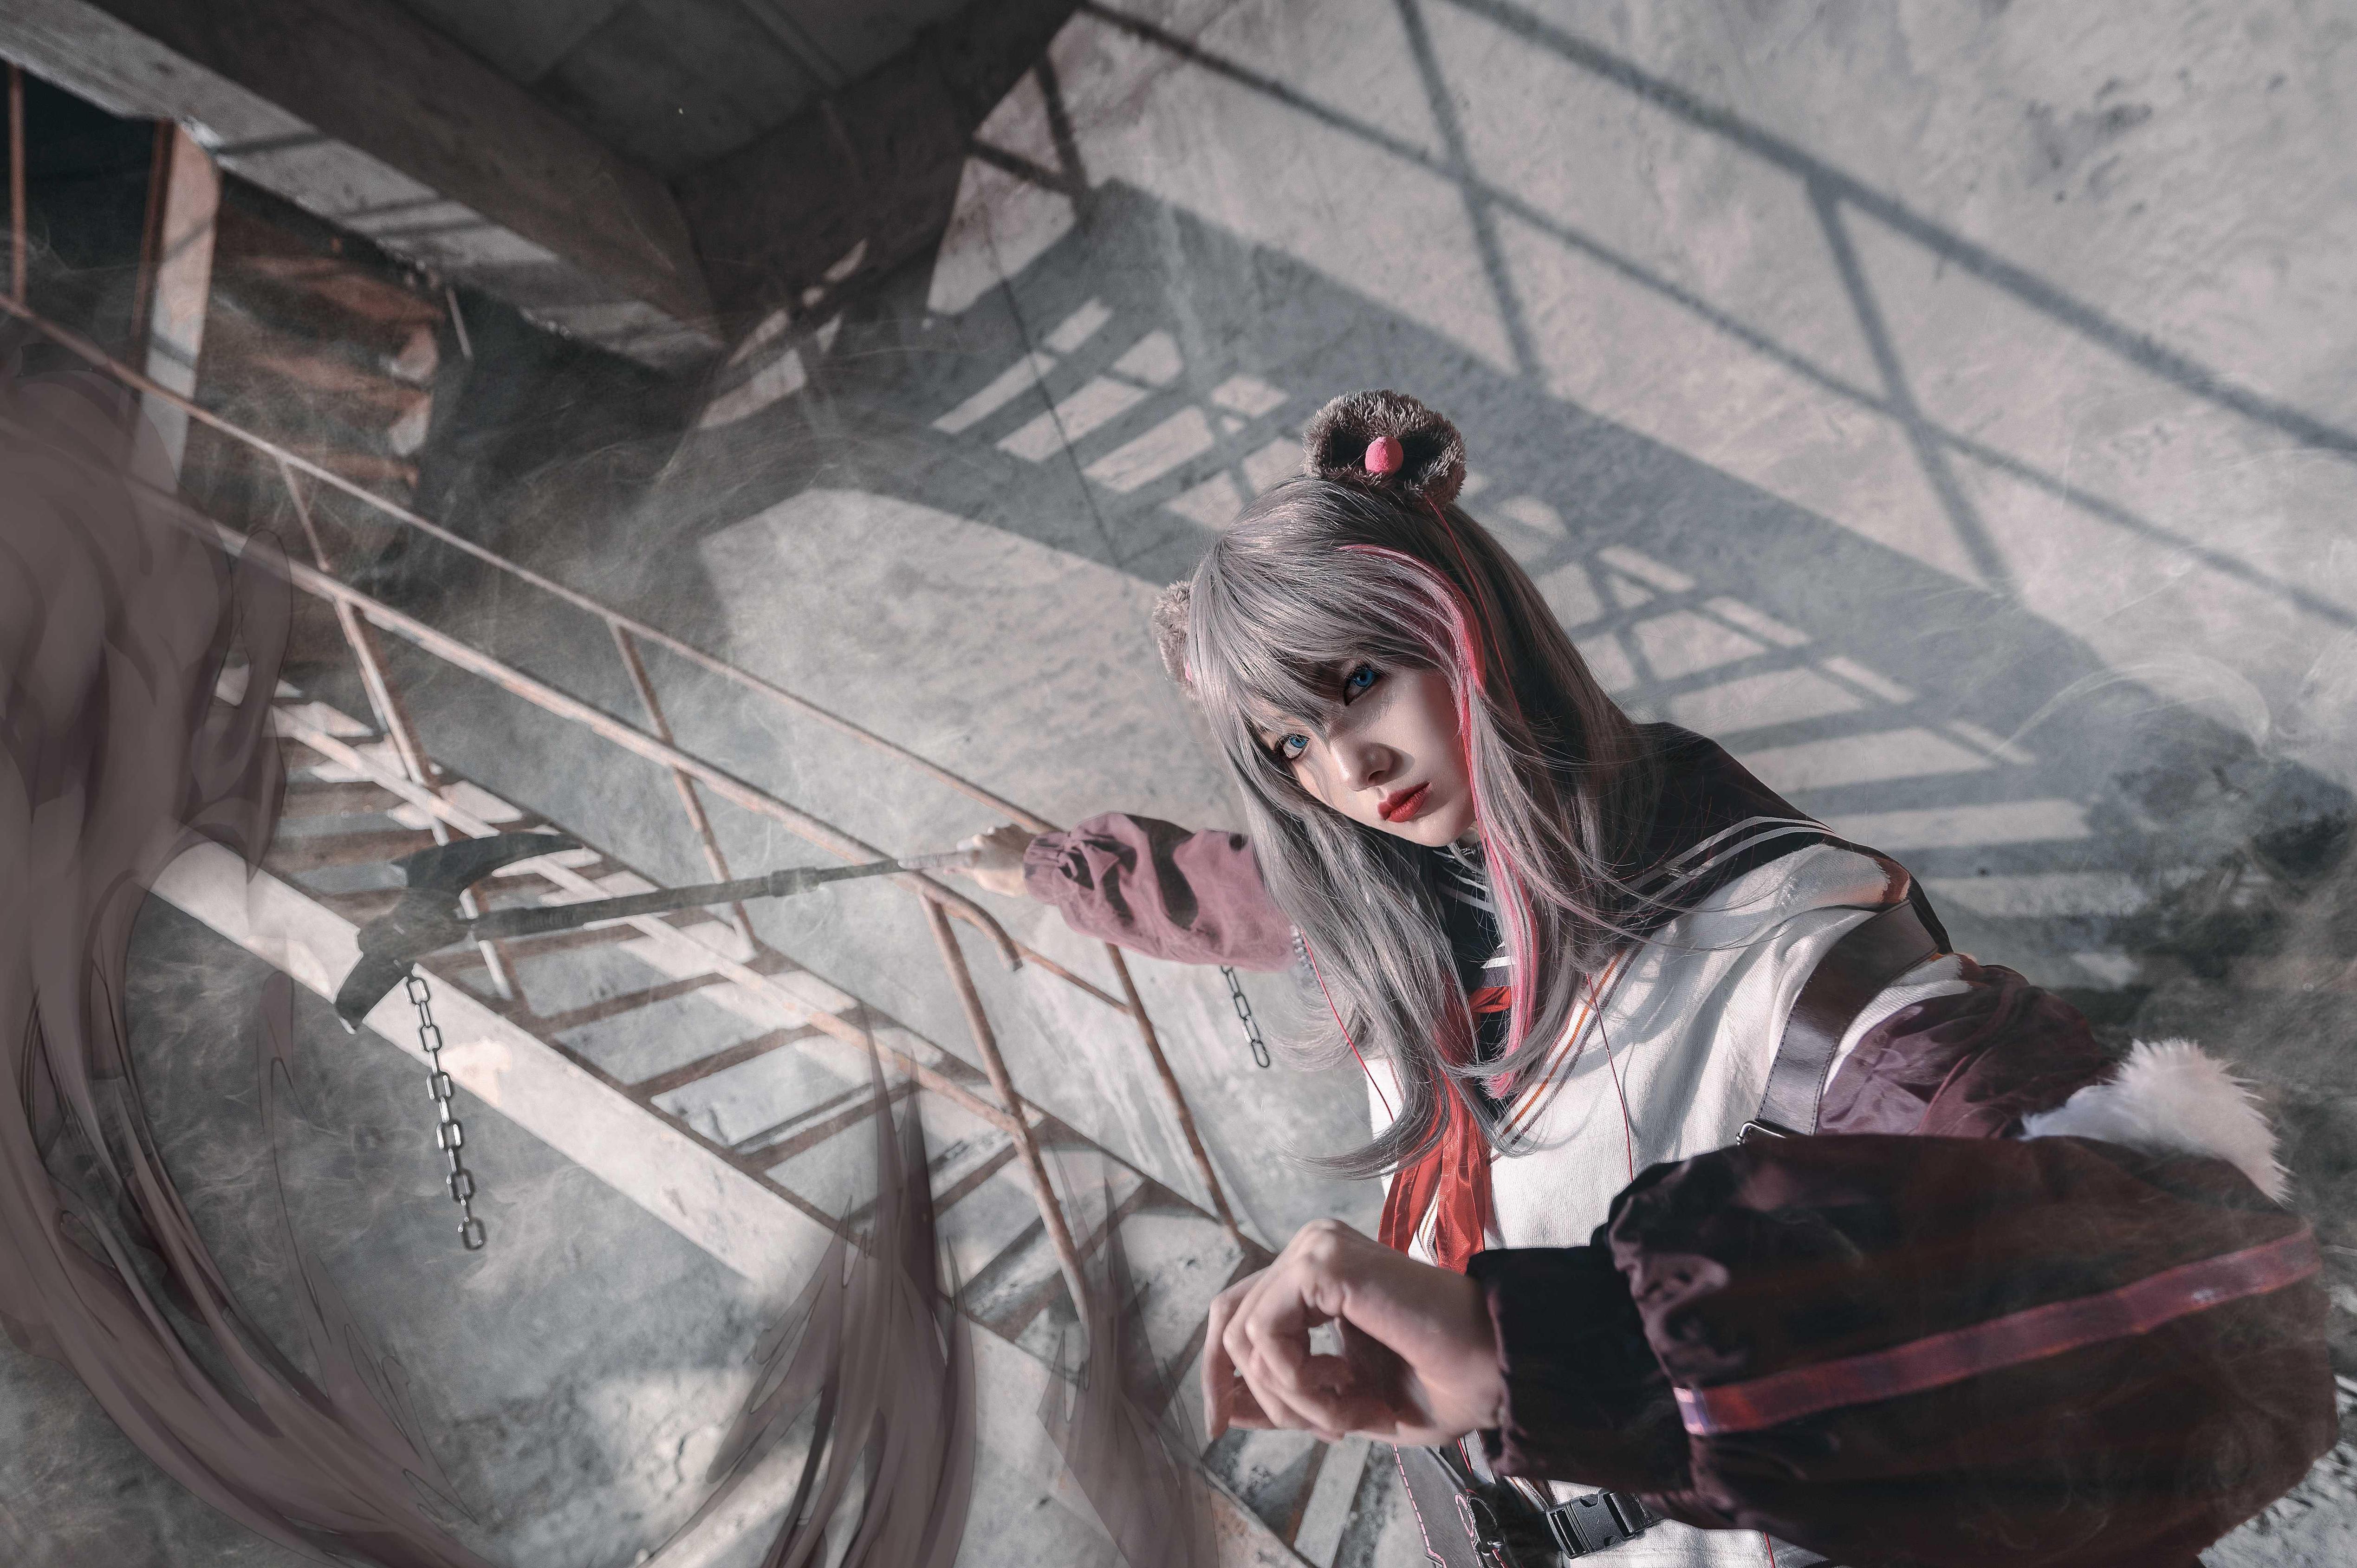 《明日方舟》正片cosplay【CN:小青姑娘闭关修炼中】-第6张